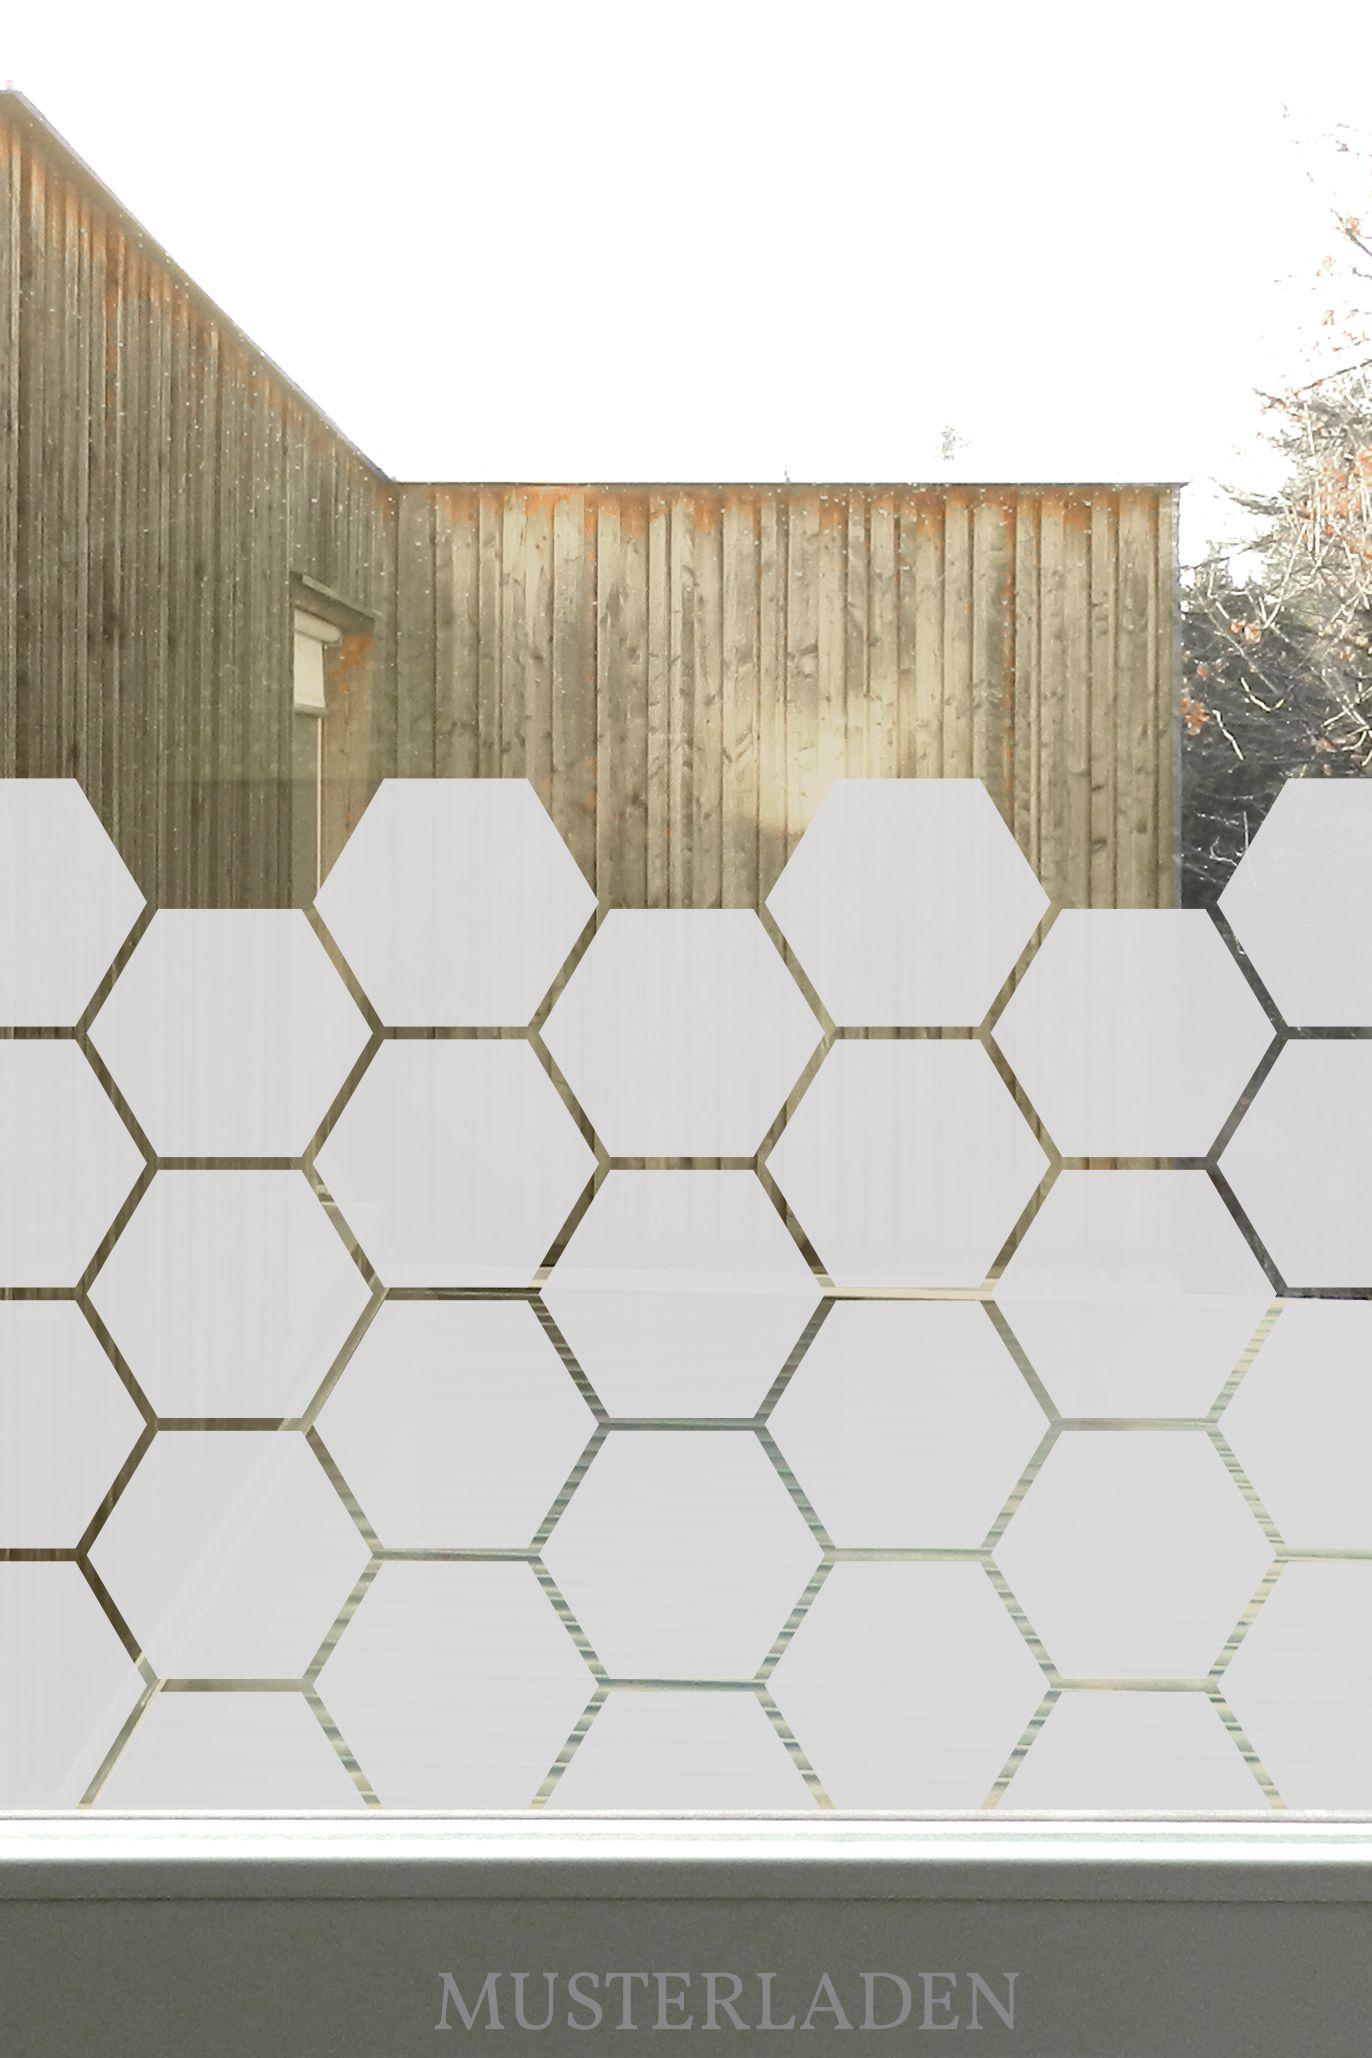 Full Size of Glasdekorfolien Mit Bienenwaben Motiv Musterladen Blickdichte Wohnzimmer Fensterfolie Blickdicht